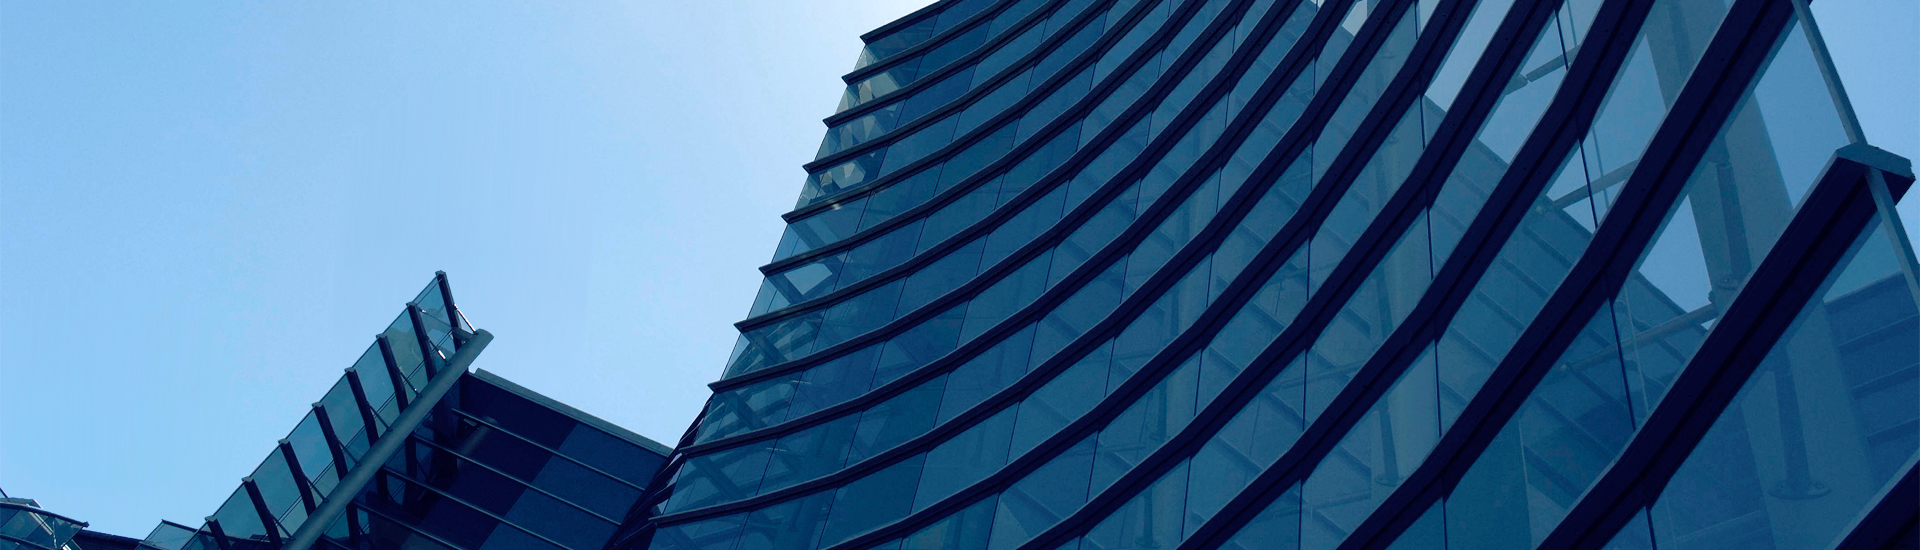 building-sky-04